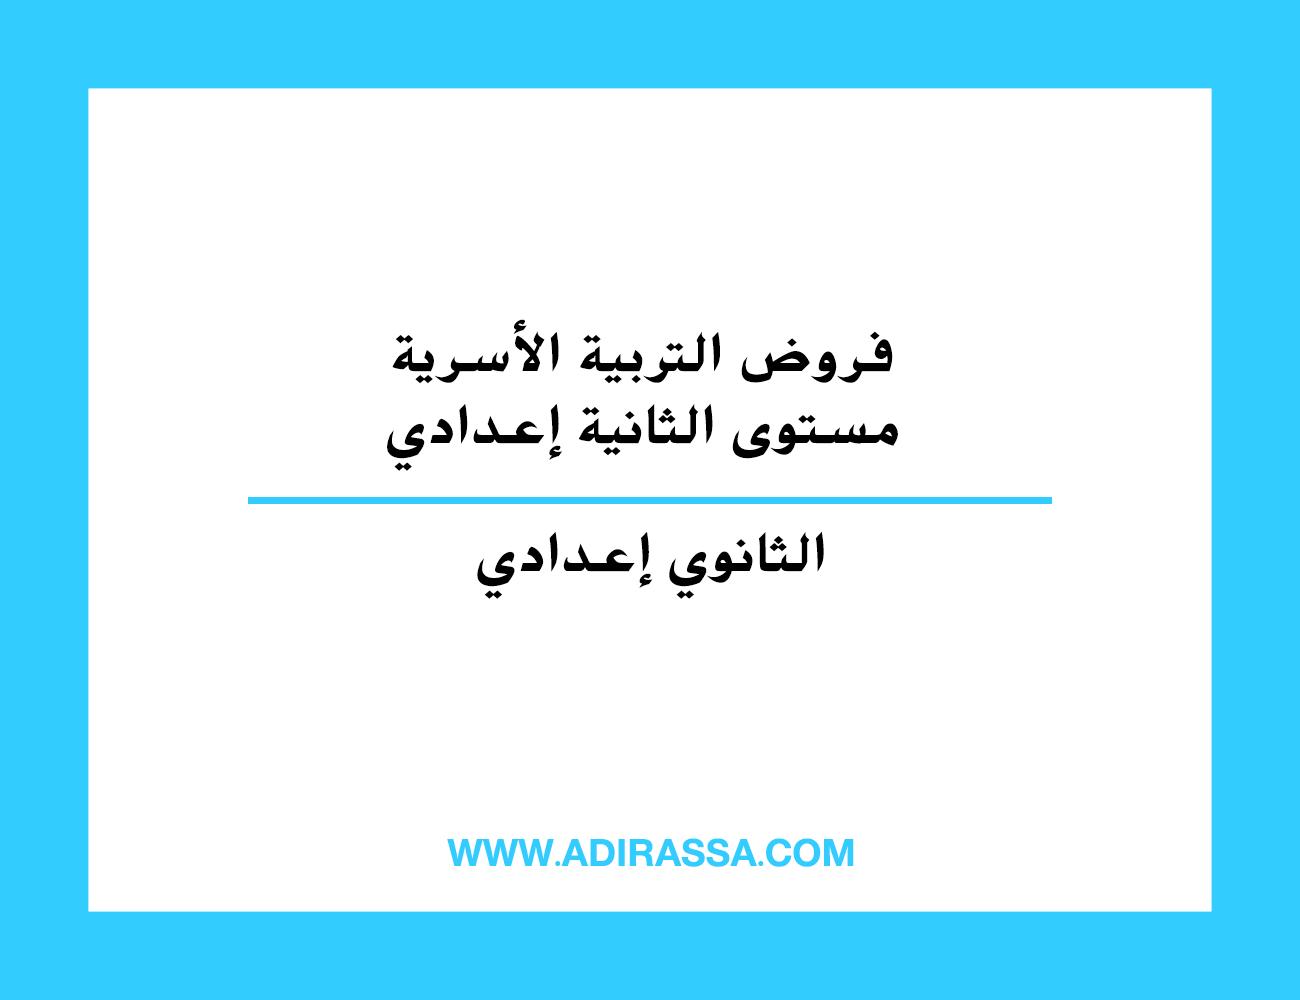 فروض التربية الأسرية مستوى الثانية إعدادي المقررة في المدرسة المغربية